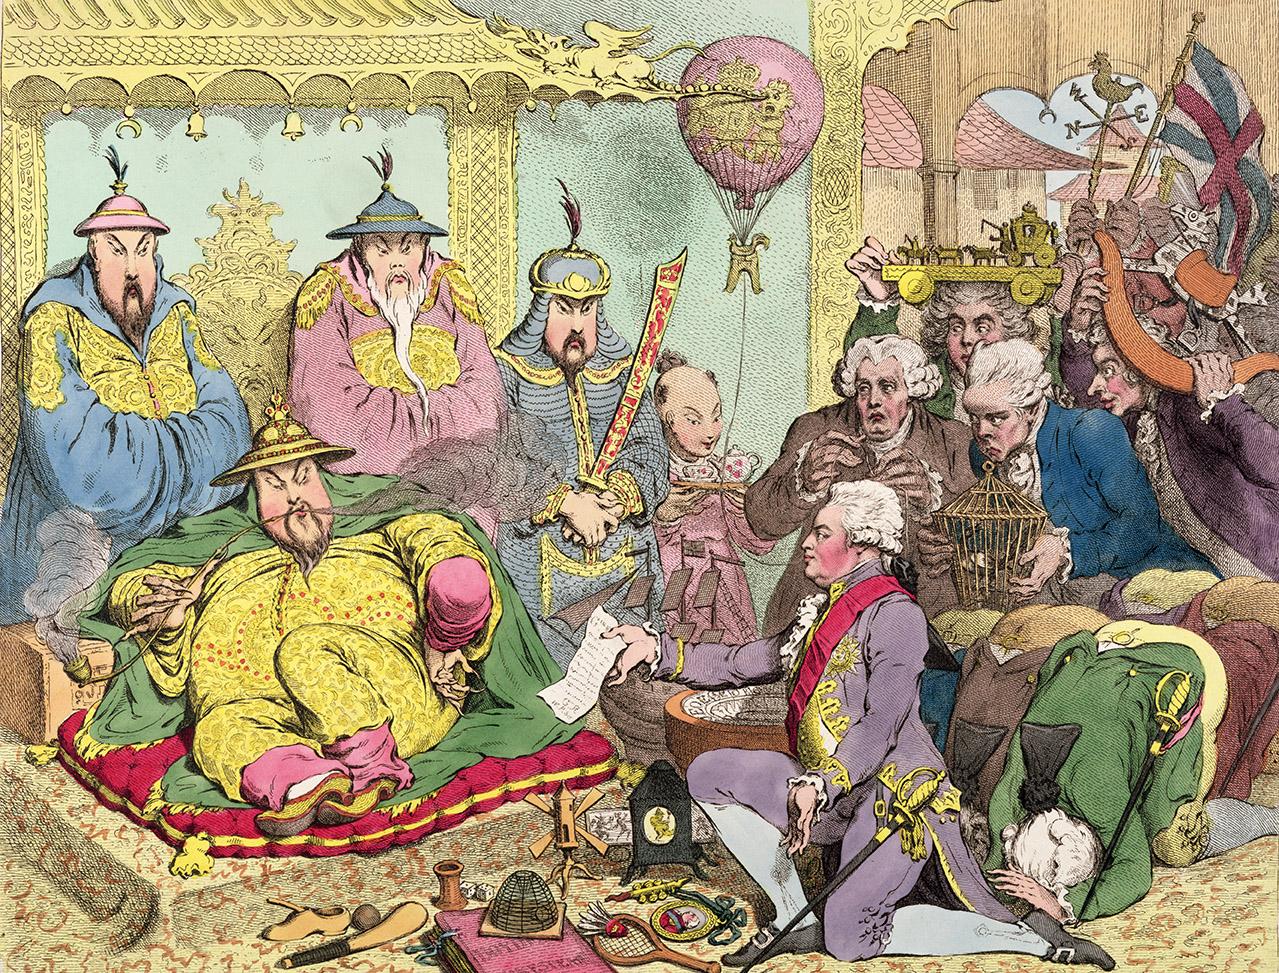 НЕТРИВИАЛЬНОЕ РЕШЕНИЕ: как Рокфеллер продал китайцам счастье и долголетие в лампе